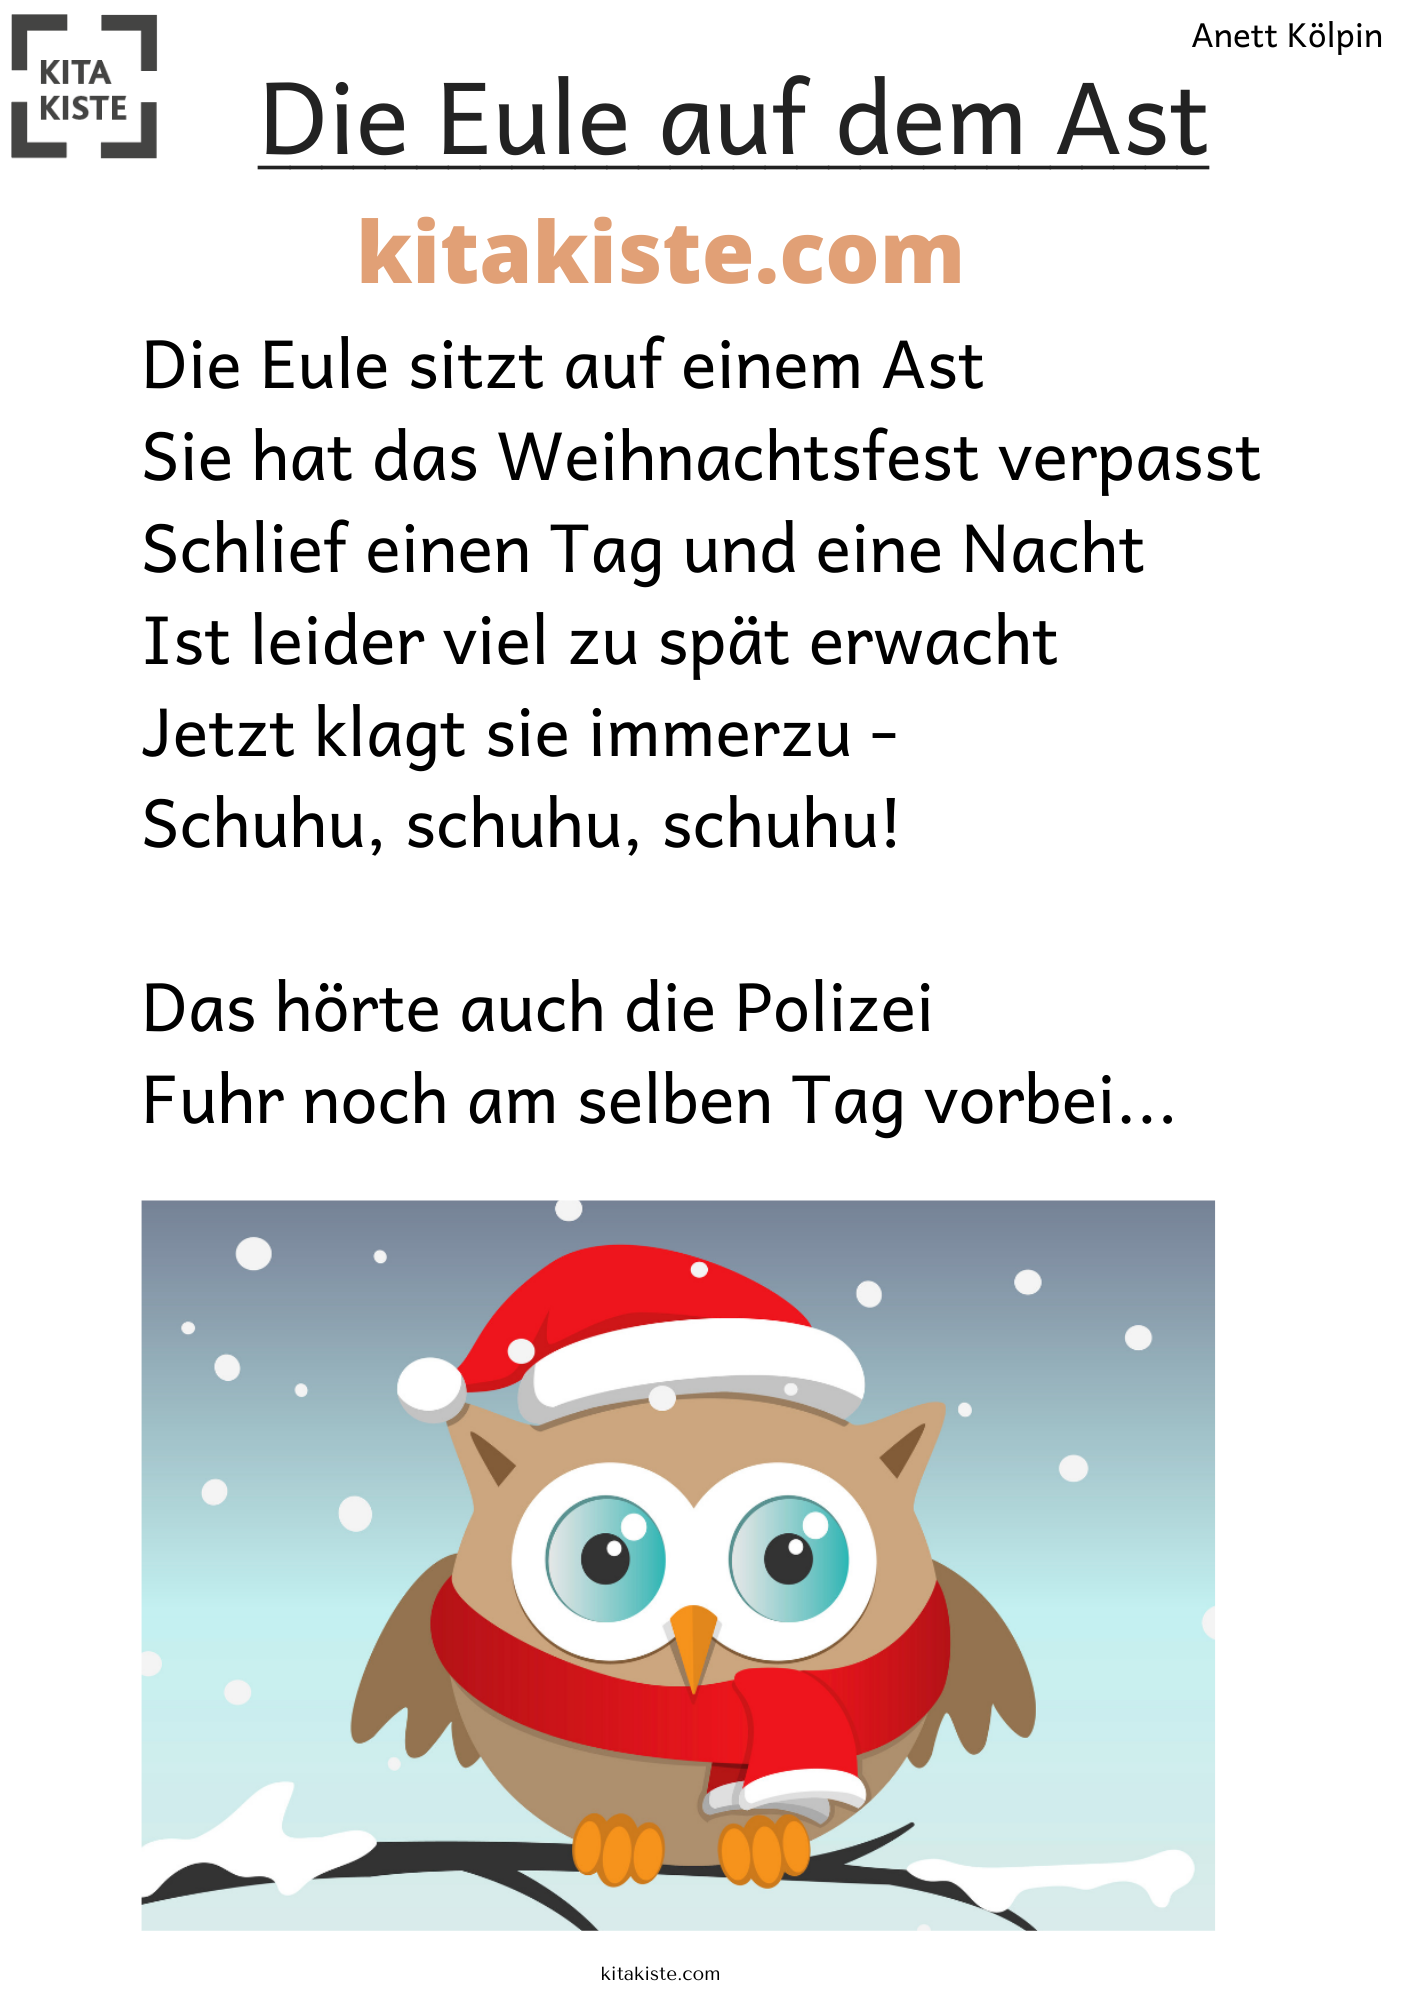 Die Eule Auf Dem Ast Ast Auf Dem Lustiges Gedicht Mit 3 Strophen Aus 10 Reime Im In 2020 Gedicht Weihnachten Eule Lustige Gedichte